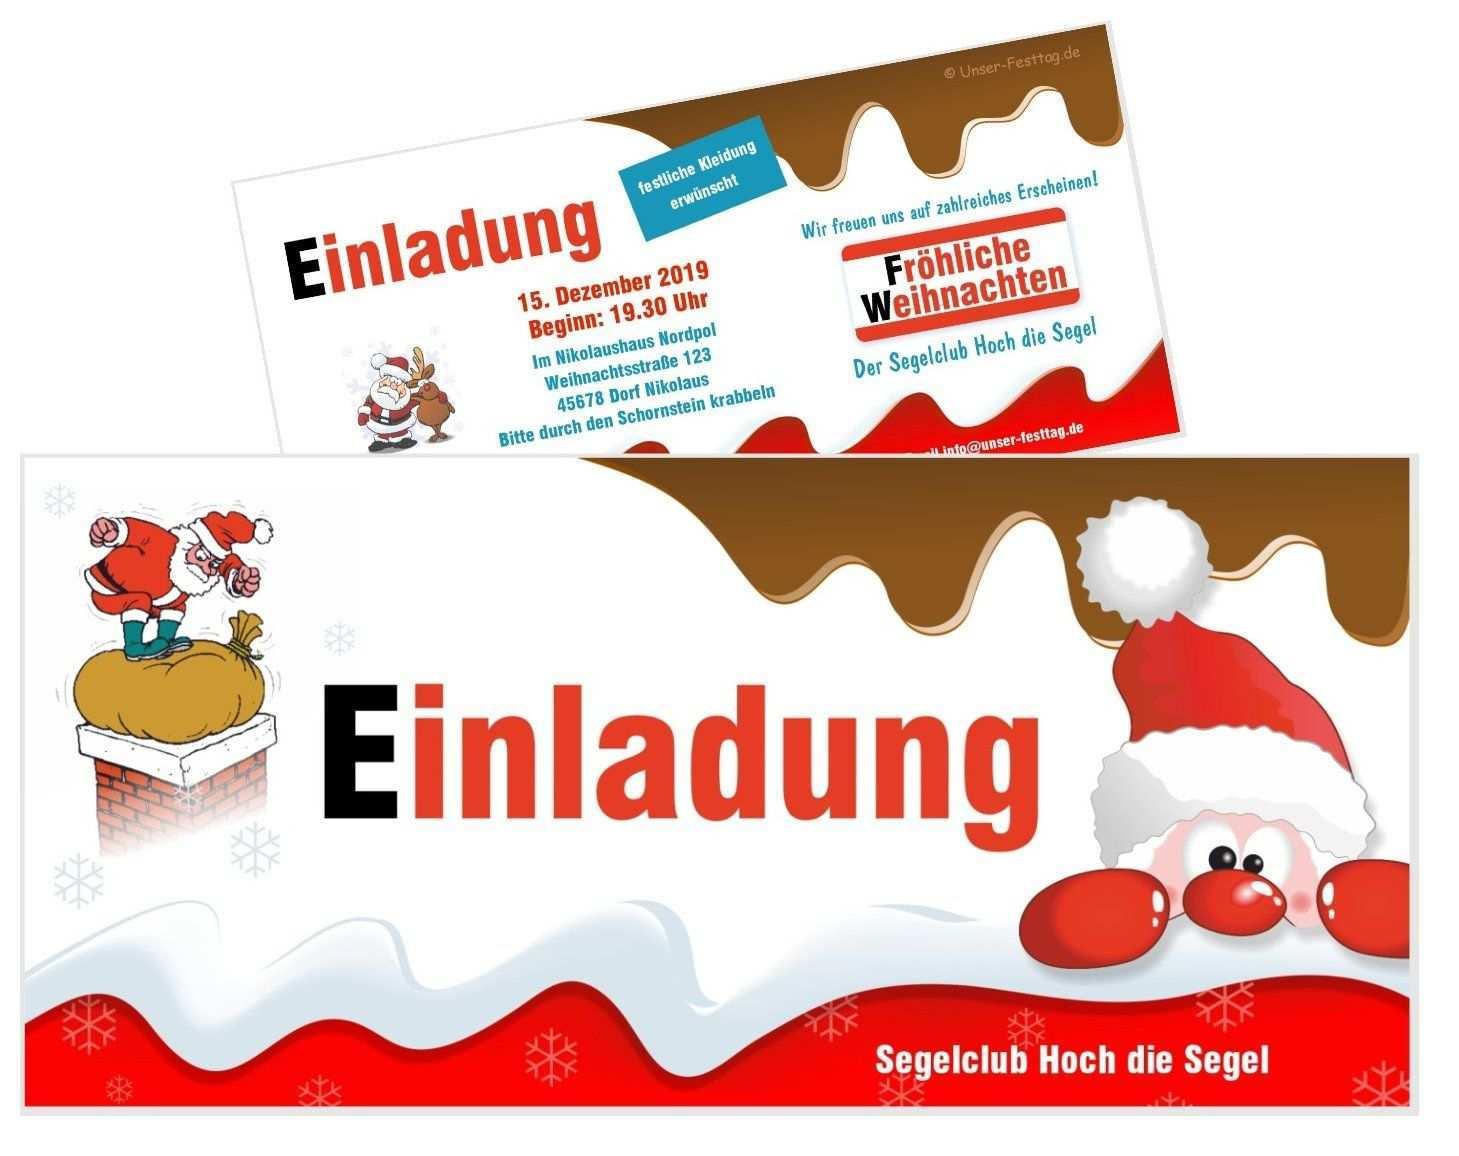 Einladungskarte Schoko Mit Nikolaus Einladung Weihnachtsfeier Einladungen Weihnachtsfeier